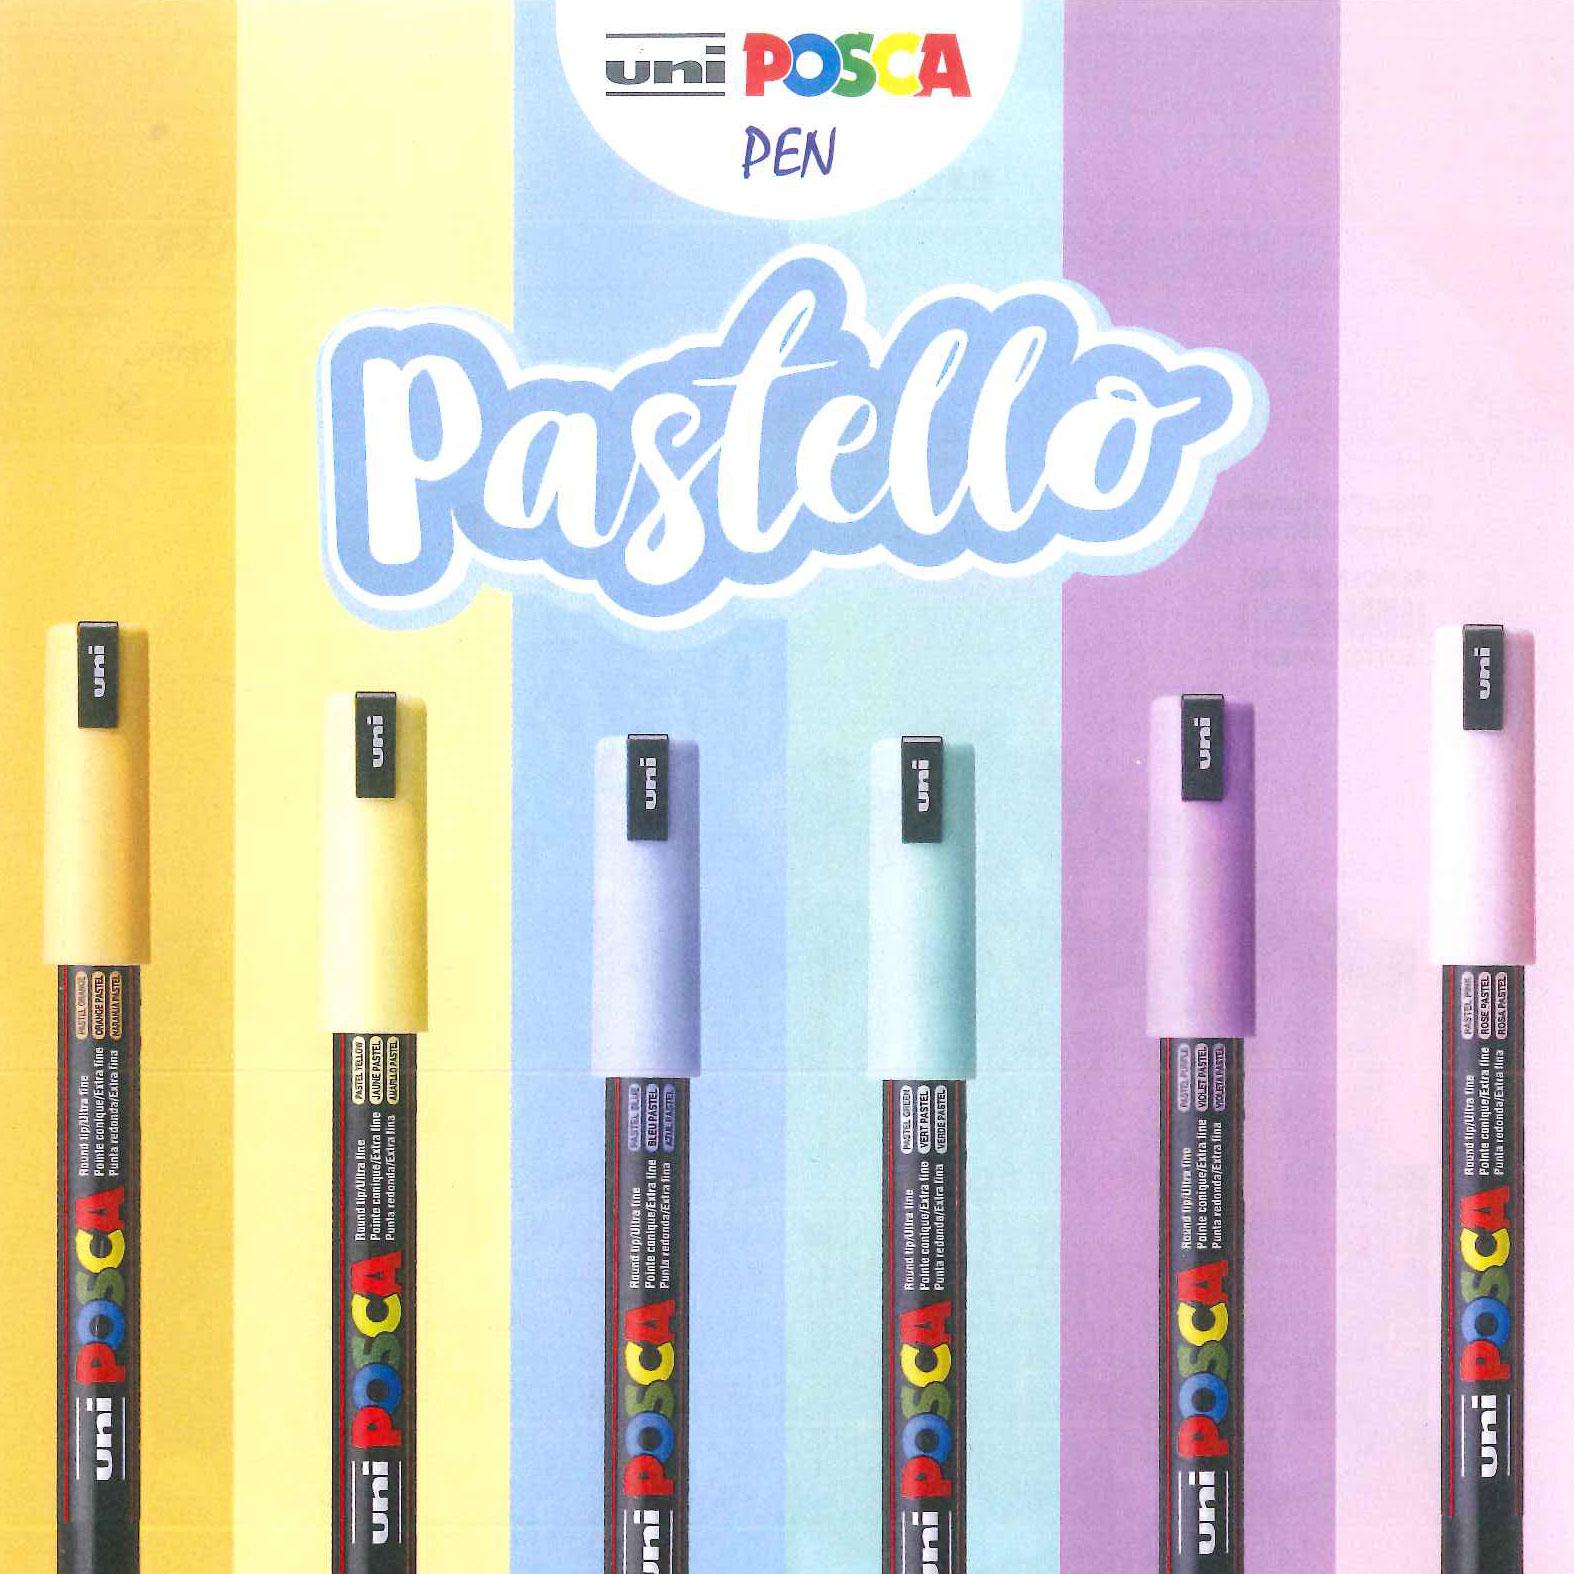 Uniposca Pen Pastello